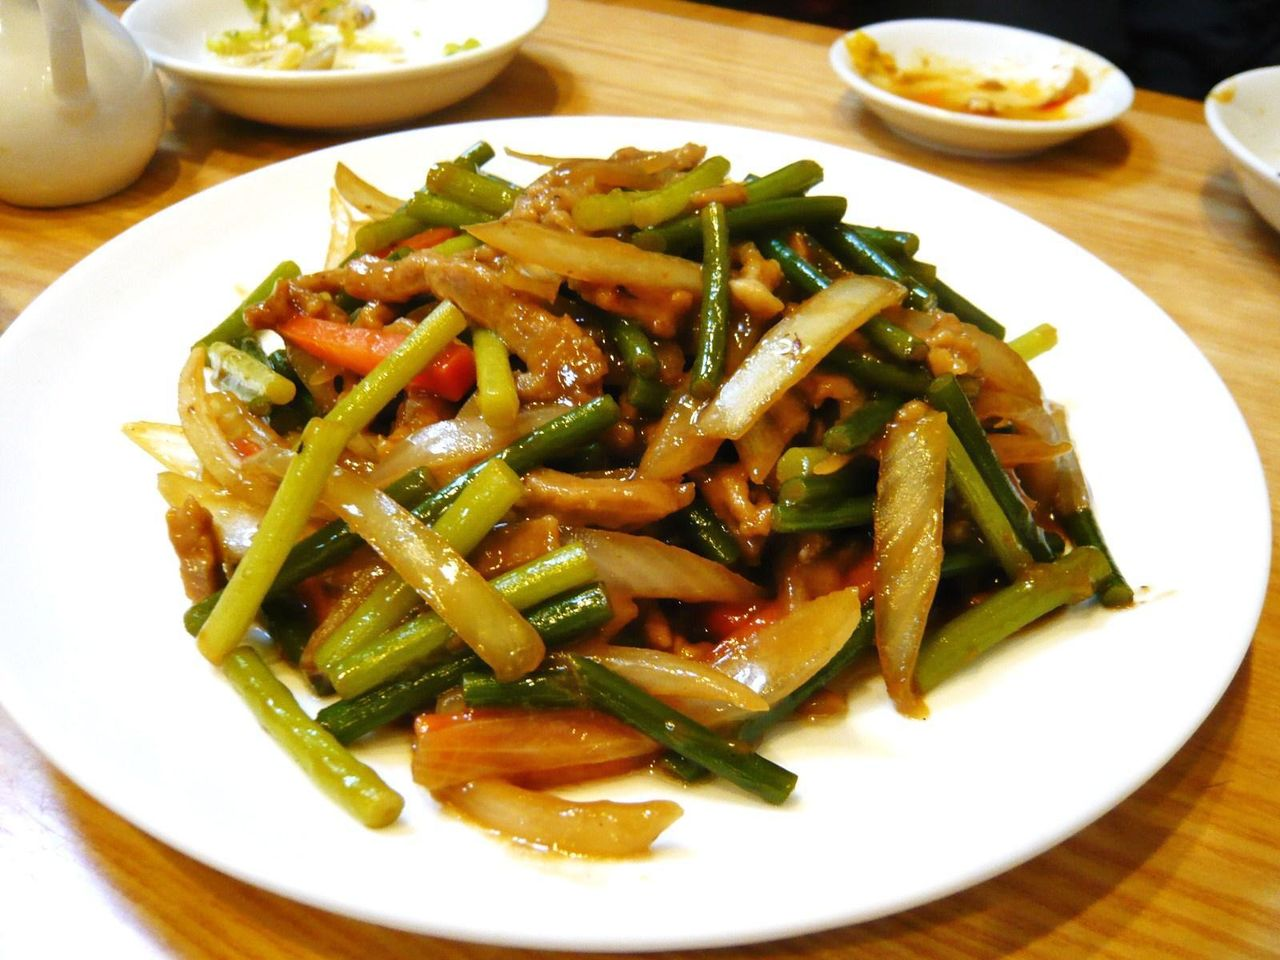 襄陽の肉と玉ねぎ細切り炒め1,000円